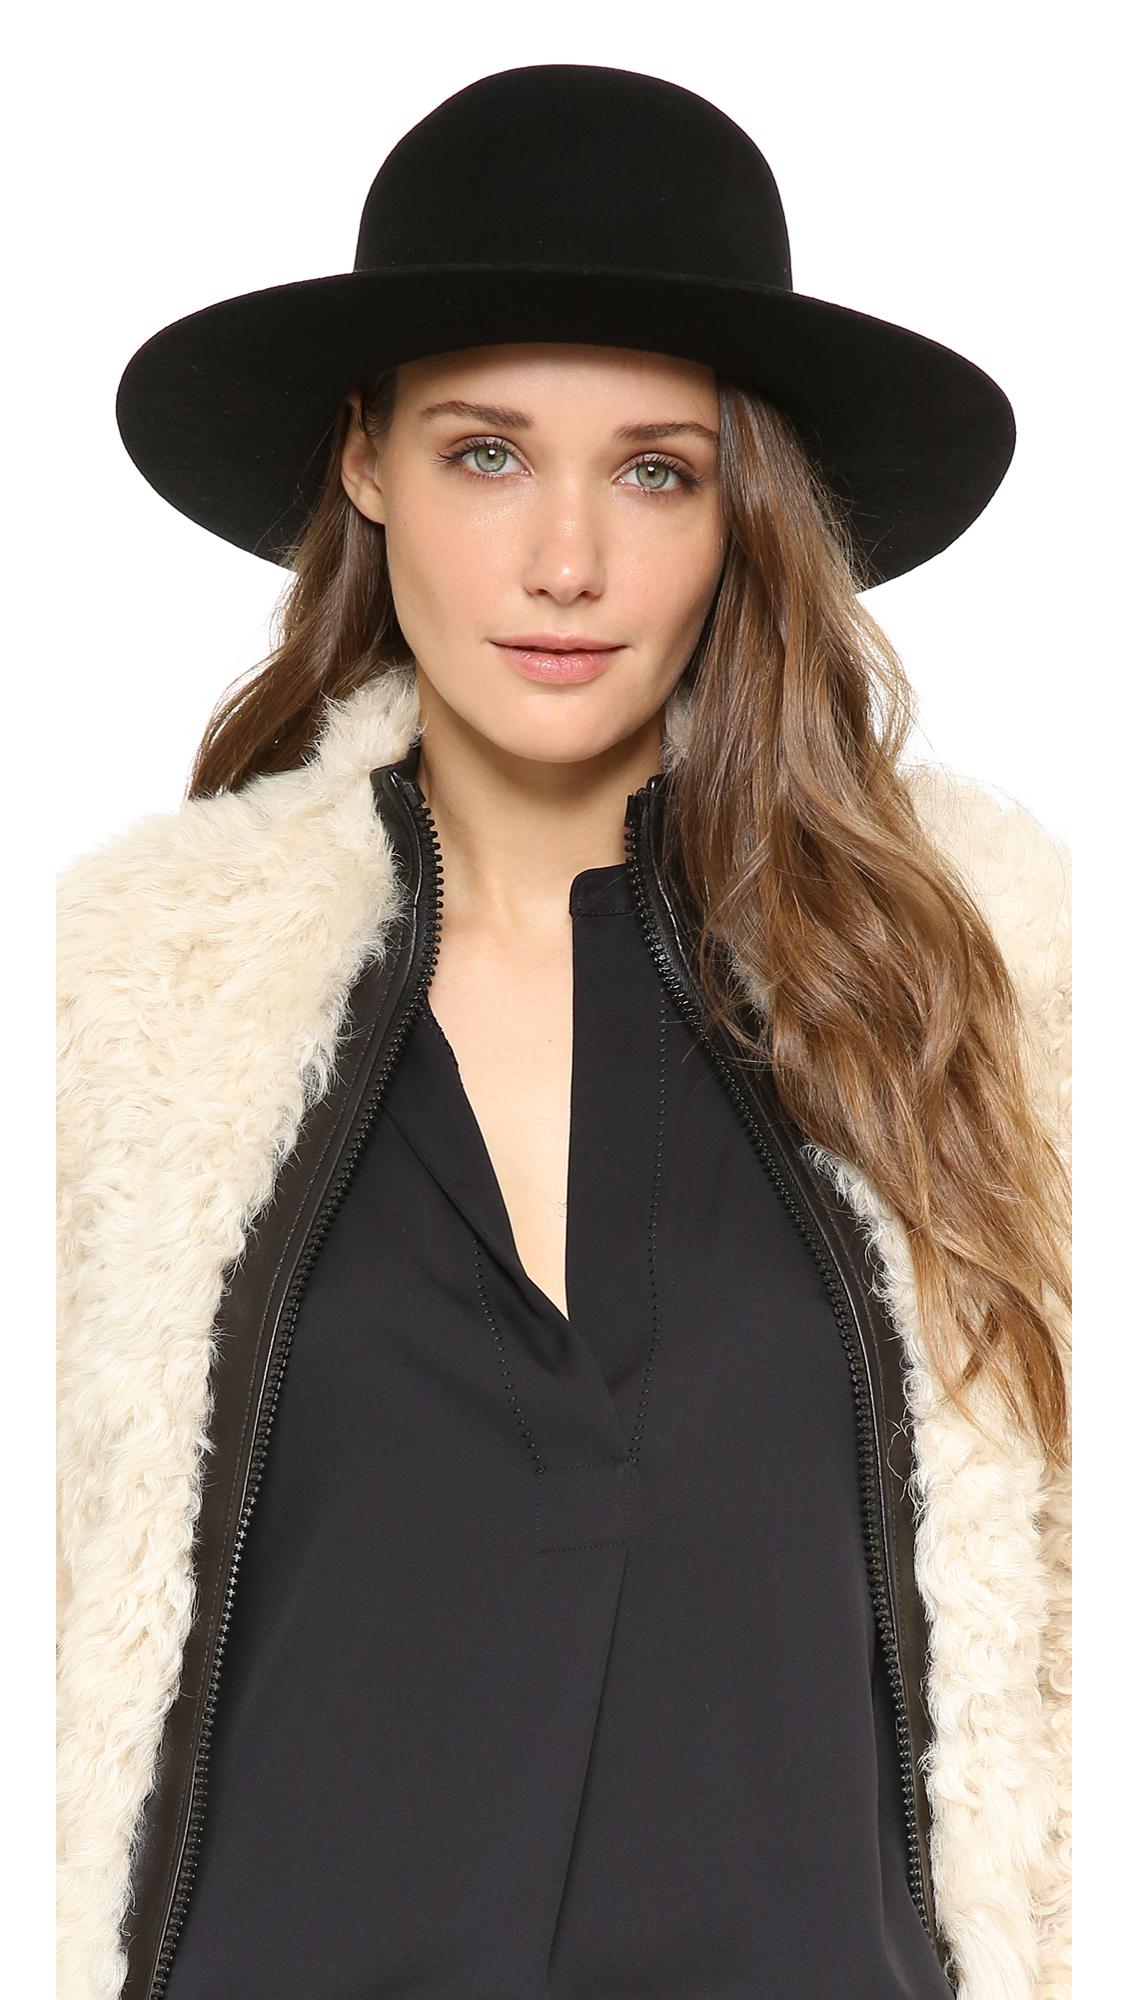 italy brixton colton hat in black lyst 5d0db c5dfe fdbf7dda1daf